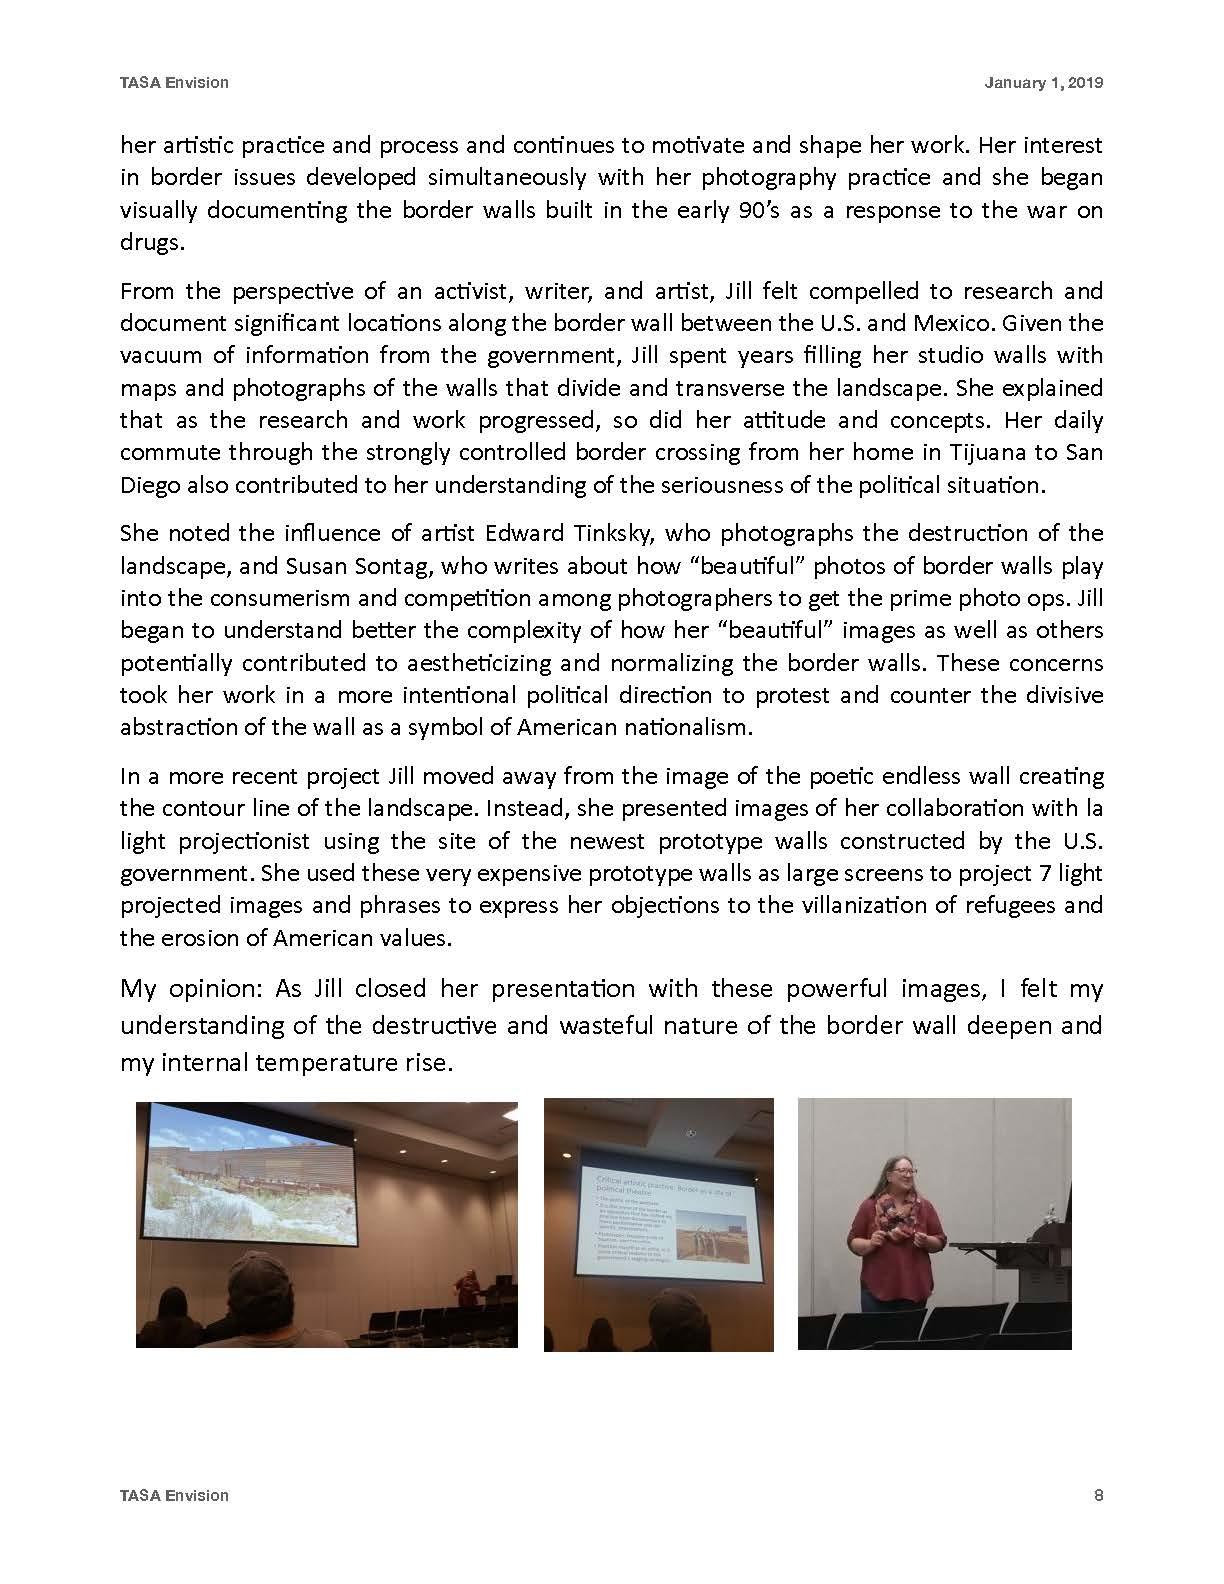 TASA newsletter 2018 McAllen (lower res)(1)_Page_08.jpg